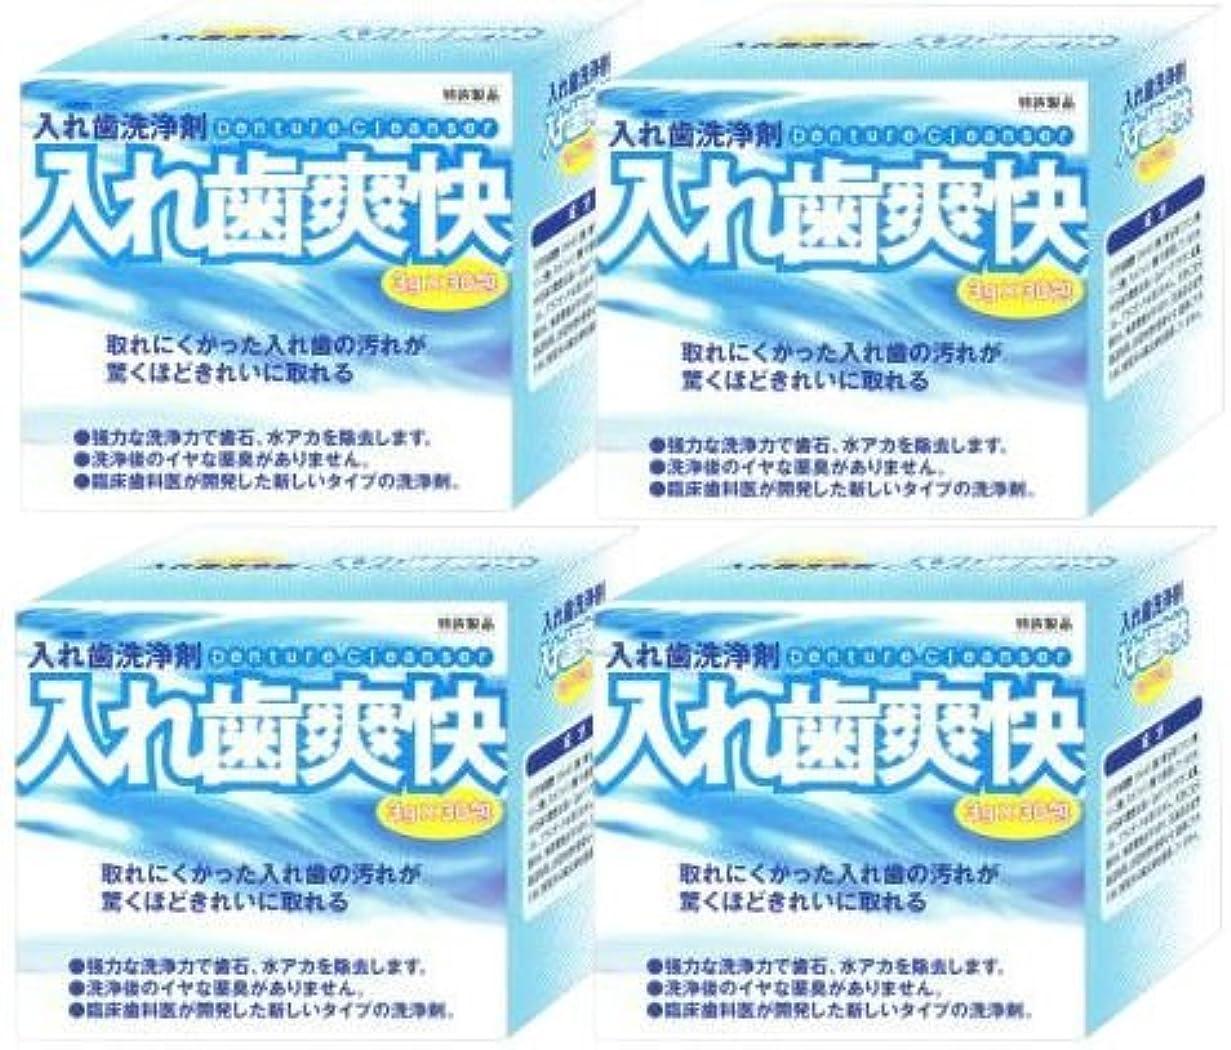 戦う外交類推【和田精密歯研】【歯科用】入れ歯爽快 1箱 3g×30包【義歯洗浄剤】4個セット